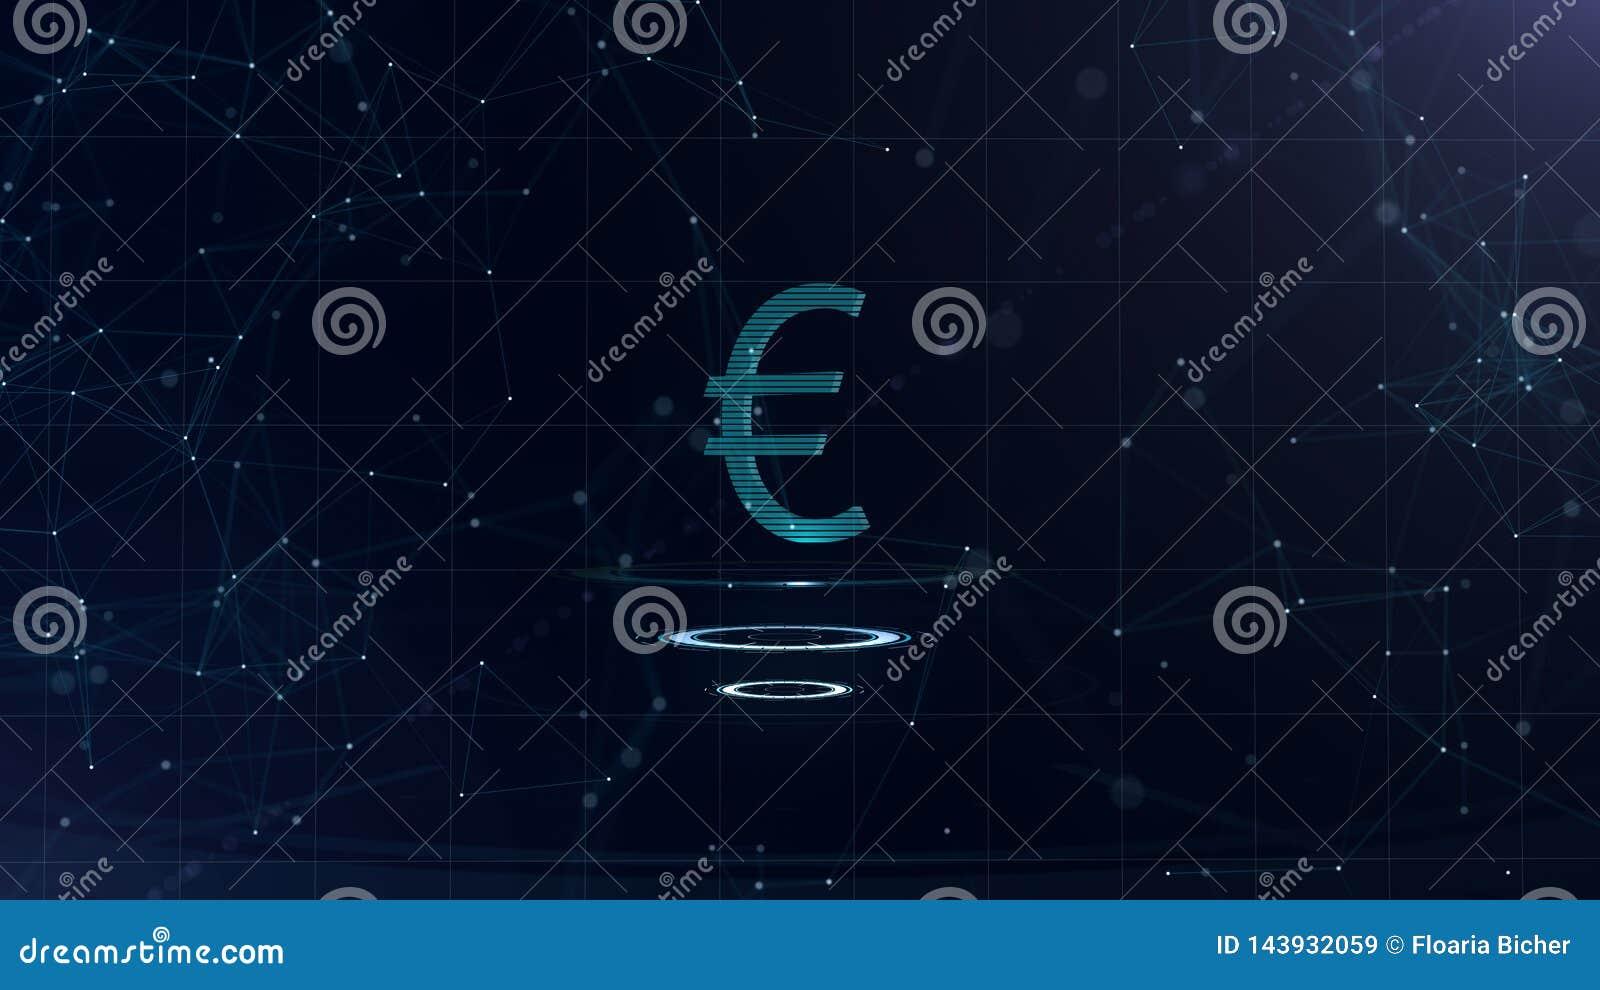 一个雄伟3d欧元标志 与互联网连接的空间蓝色网际空间背景 欧元货币在三真正